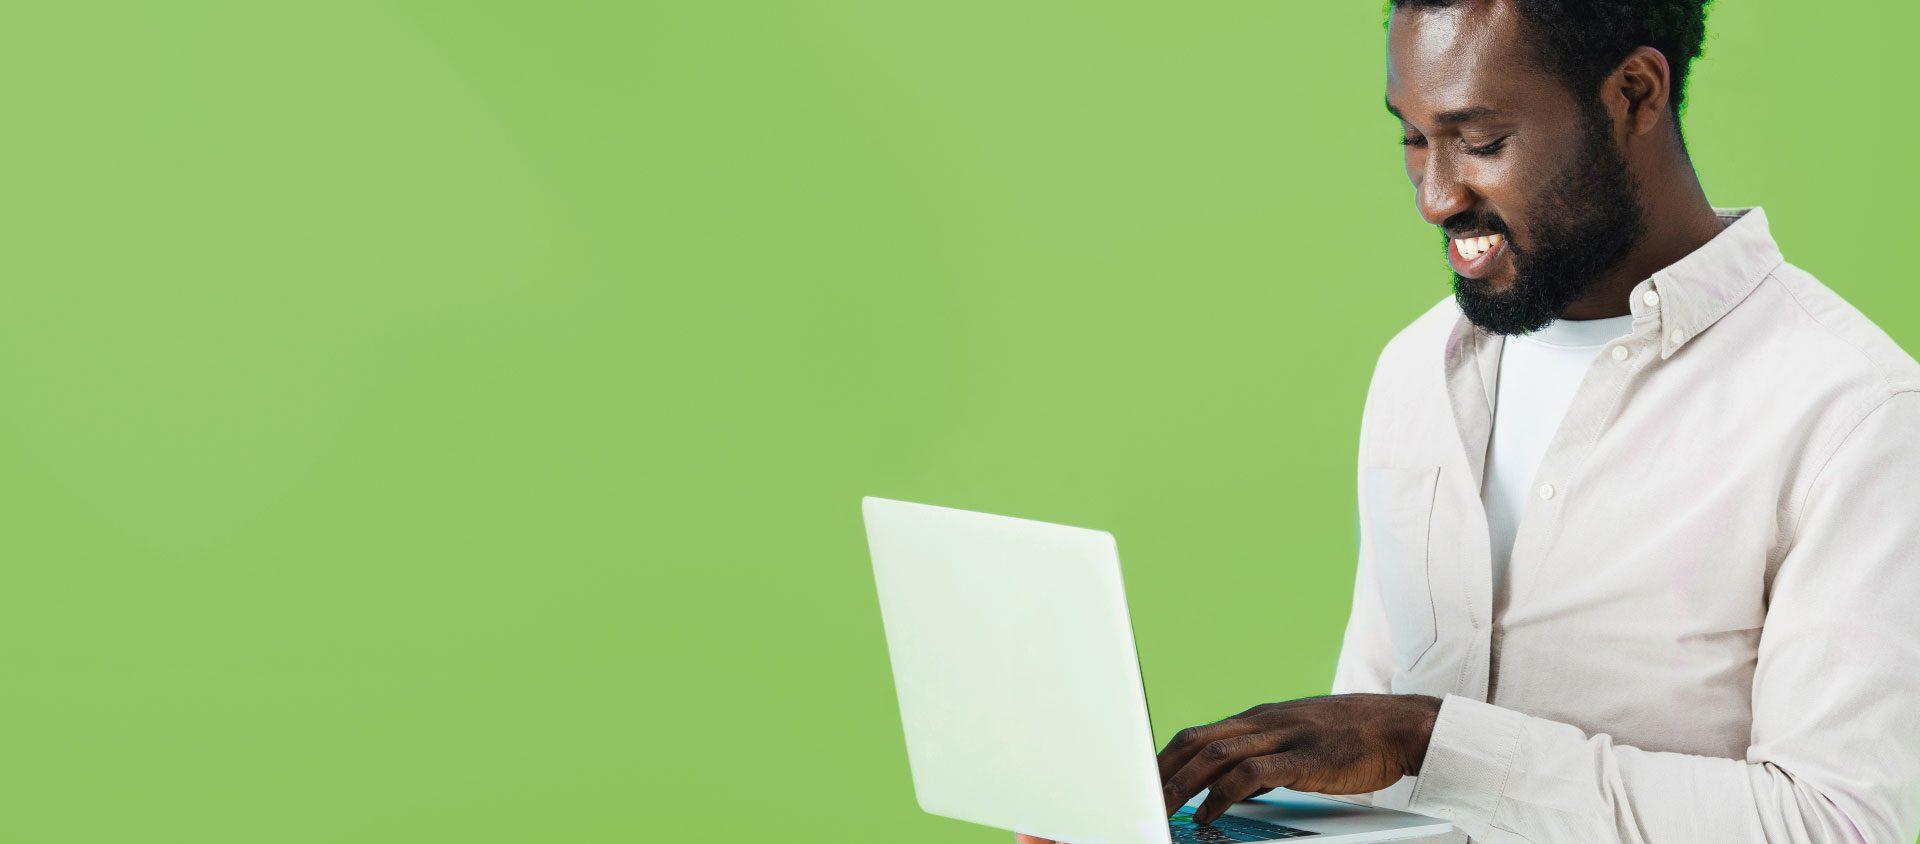 Especial Quarentena: Indicações de cursos online, palestras e vídeos para assistir